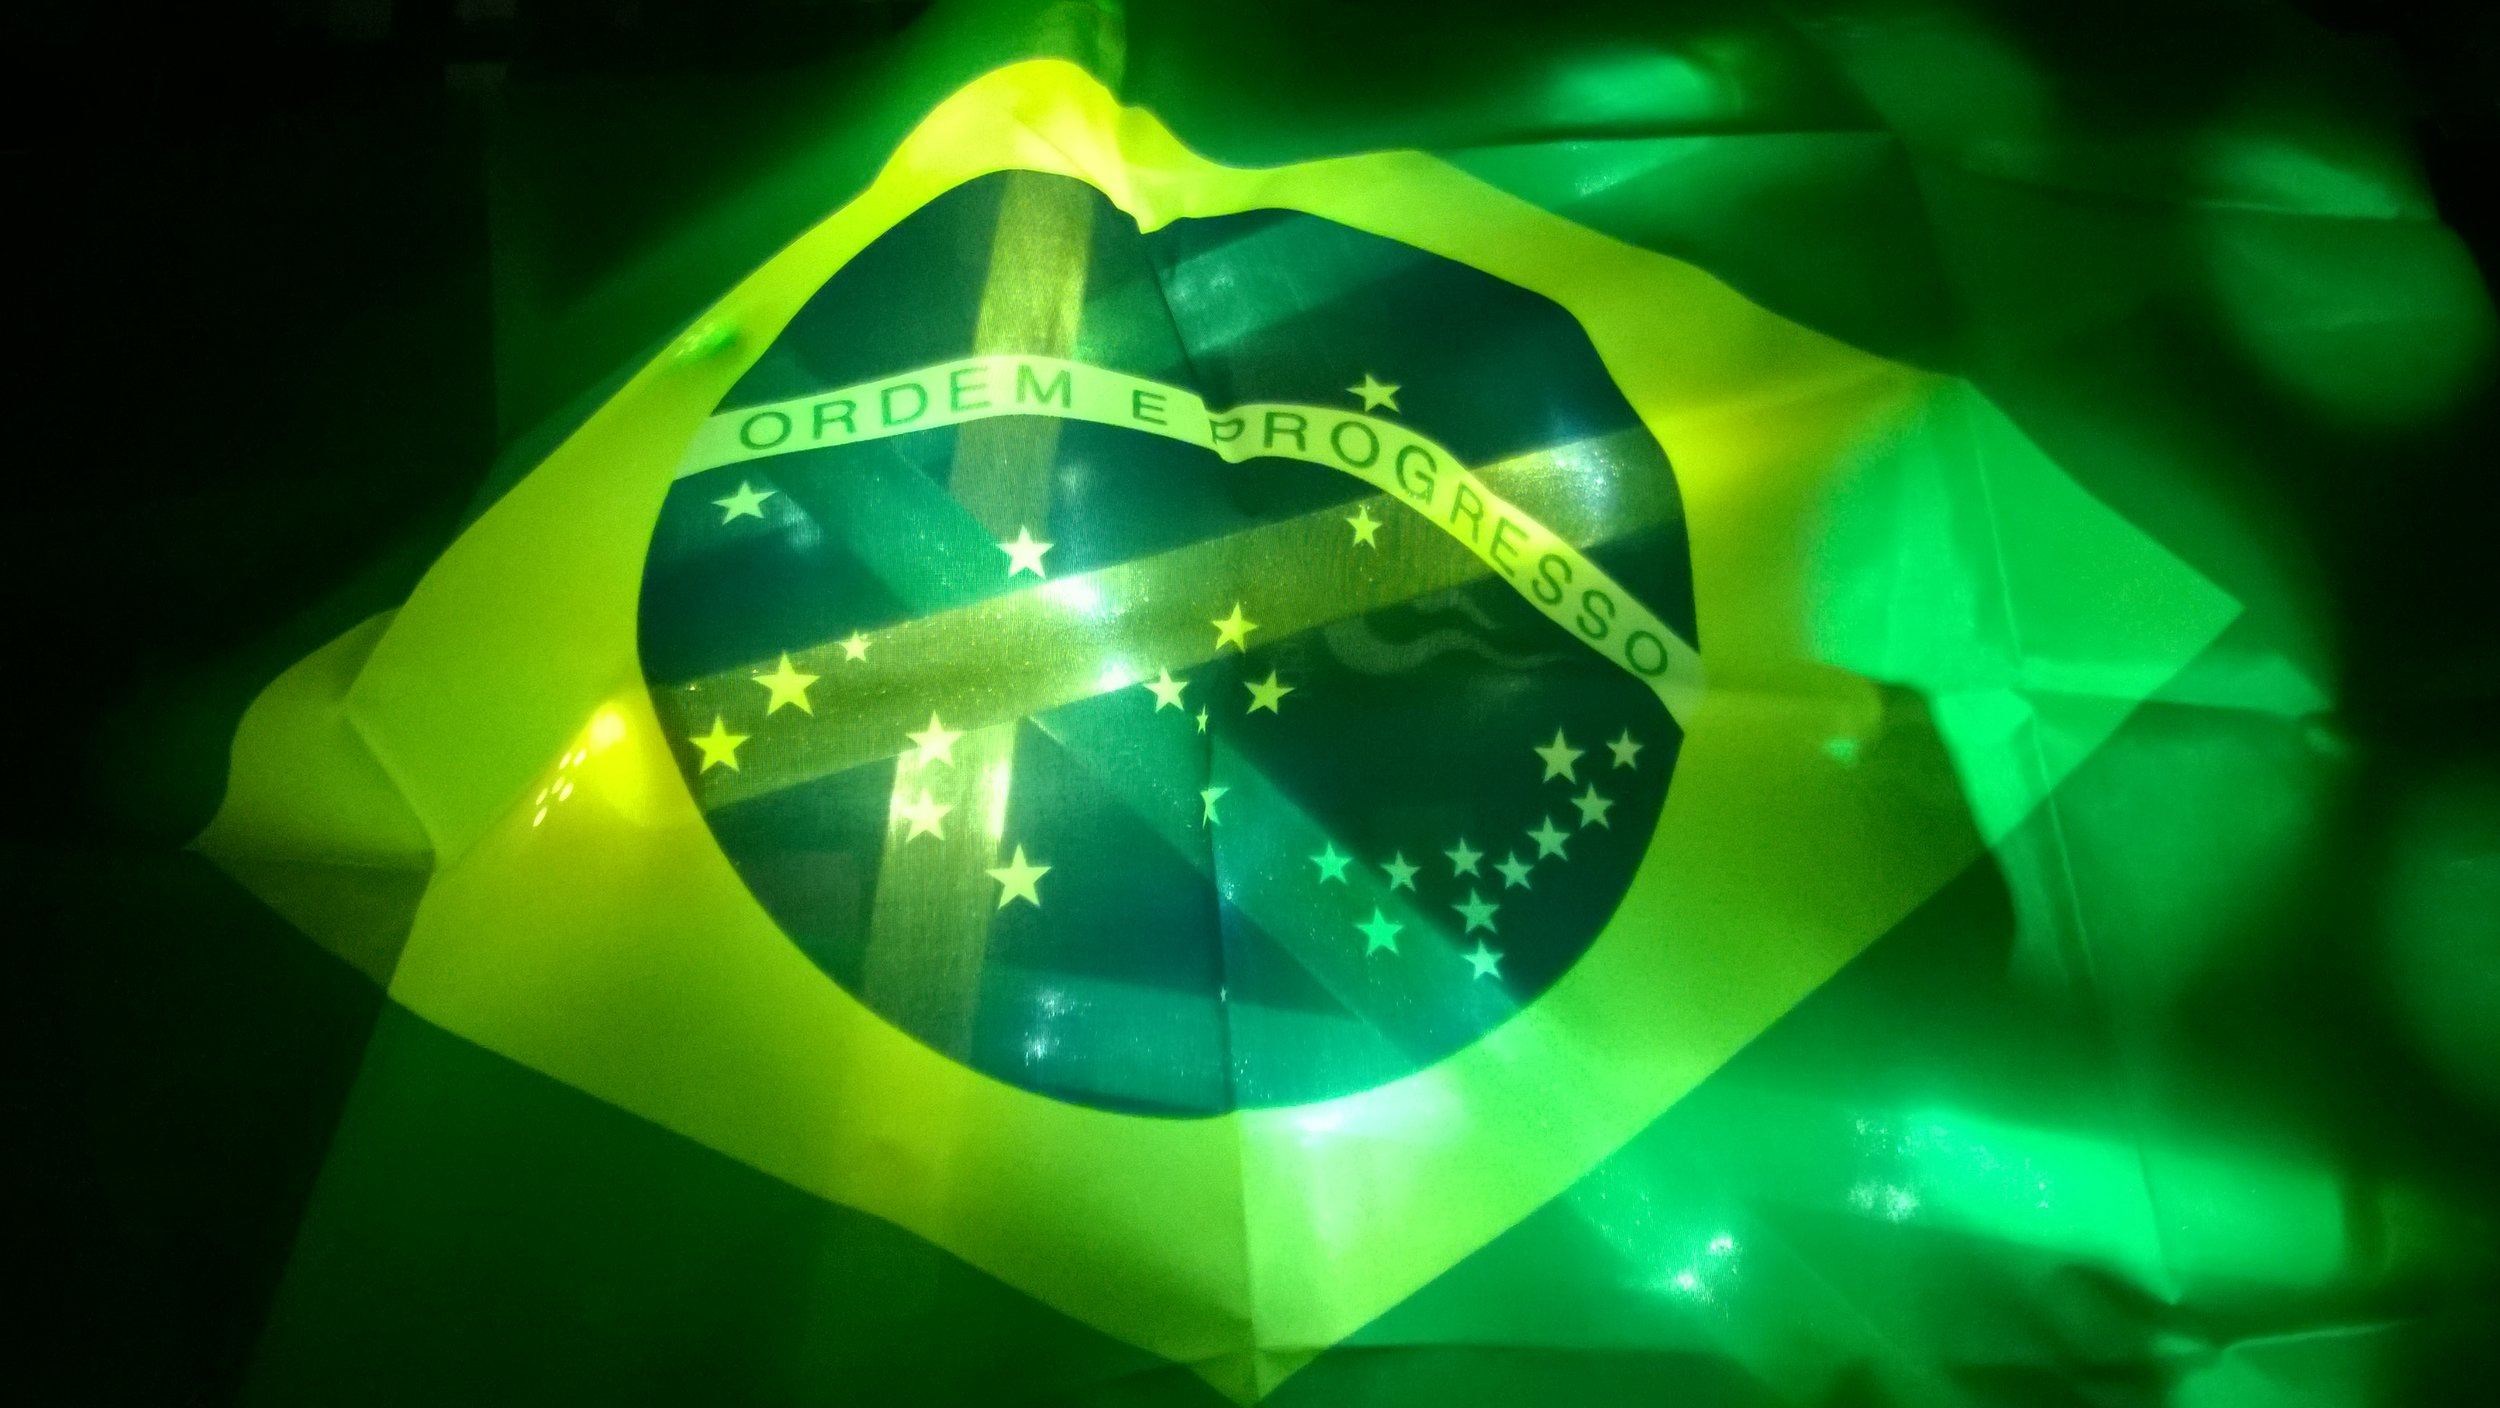 Brasil flag all lit up!